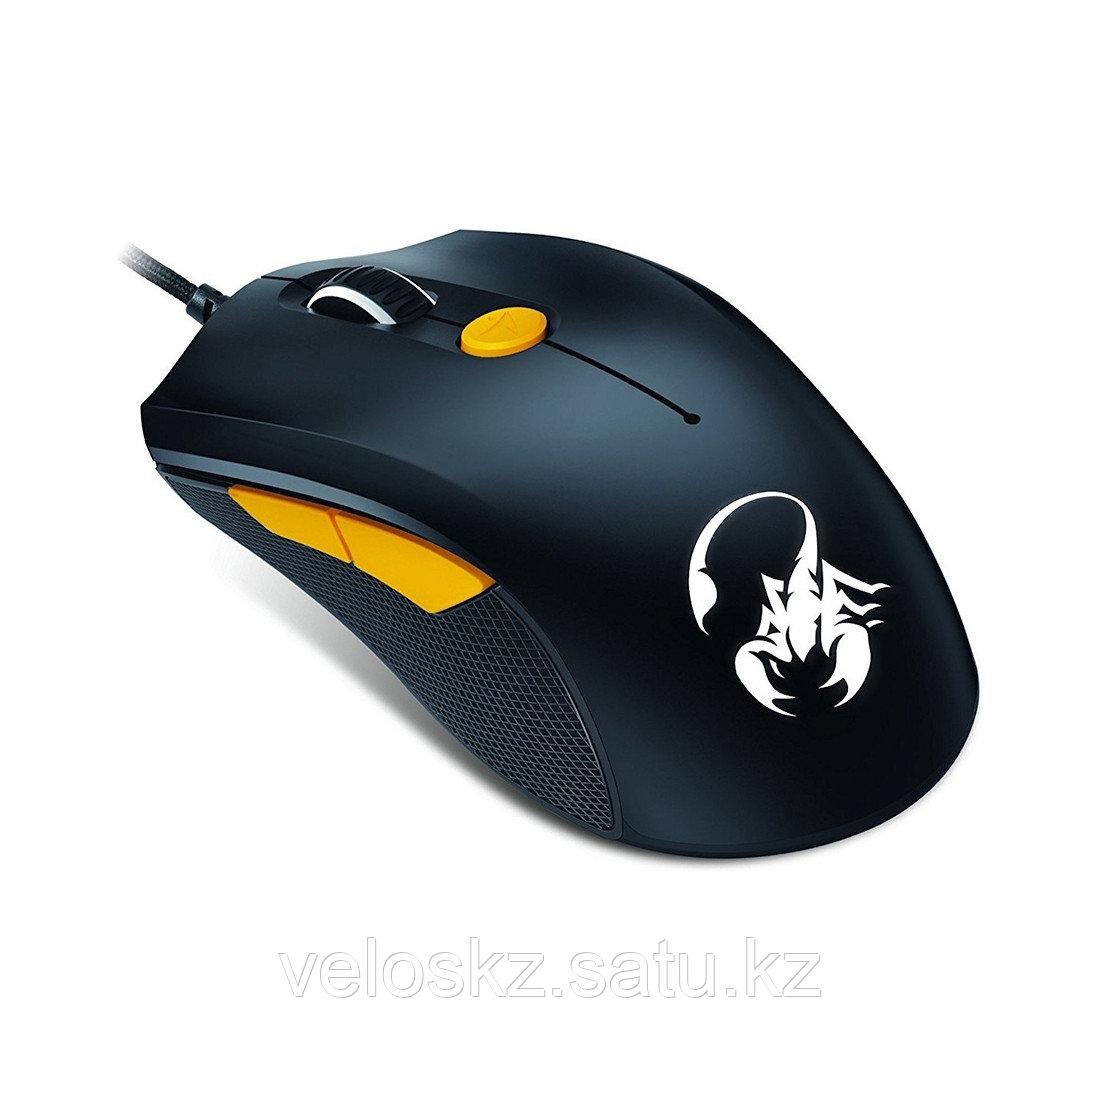 Genius Мышь проводная Genius Scorpion M6-600